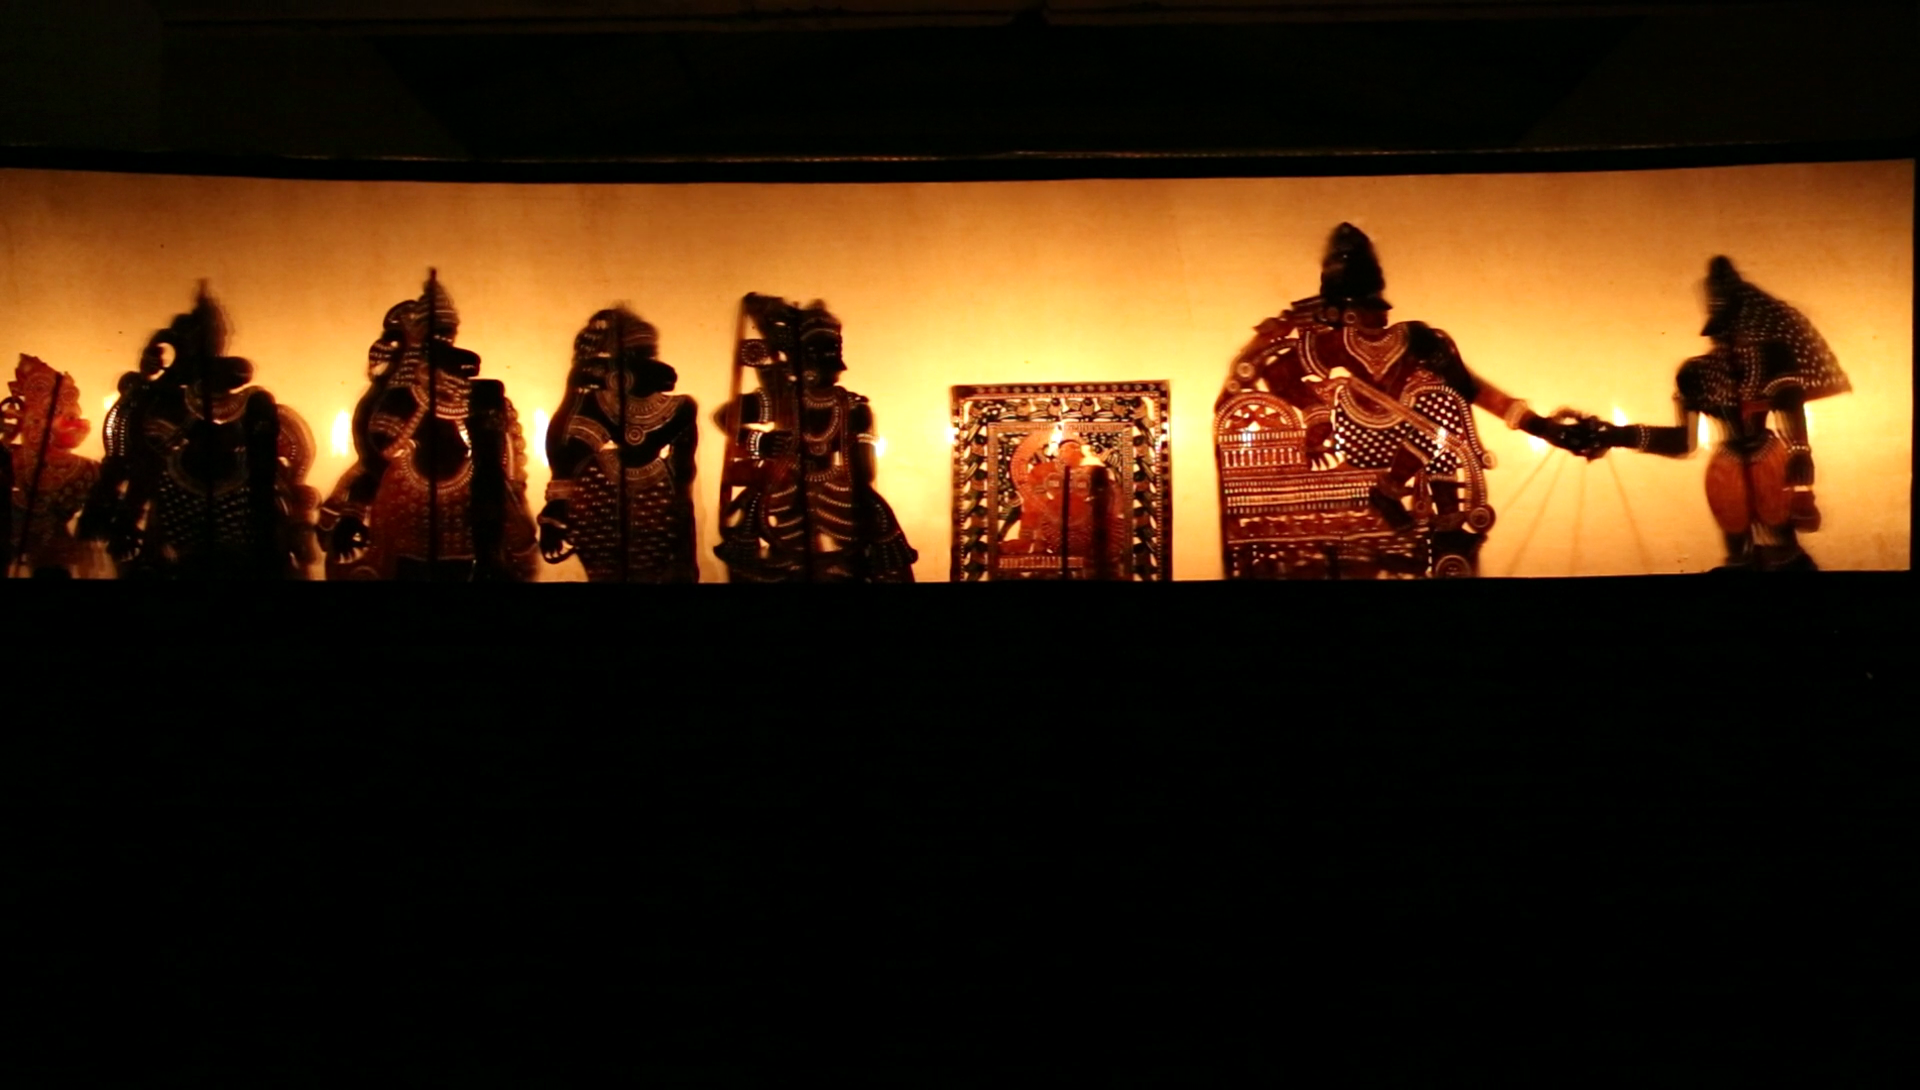 Râma, Sîtâ, Lakshmana et les généraux de singes, dans une s<em>c</em>ène de <em>tolpava koothu</em> du Râmâyana, mise en s<em>c</em>ène :  Rama<em>c</em>handra Pulavar (Kerala, Inde). Photo réproduite avec l'aimable autorisation de Atul Sinha